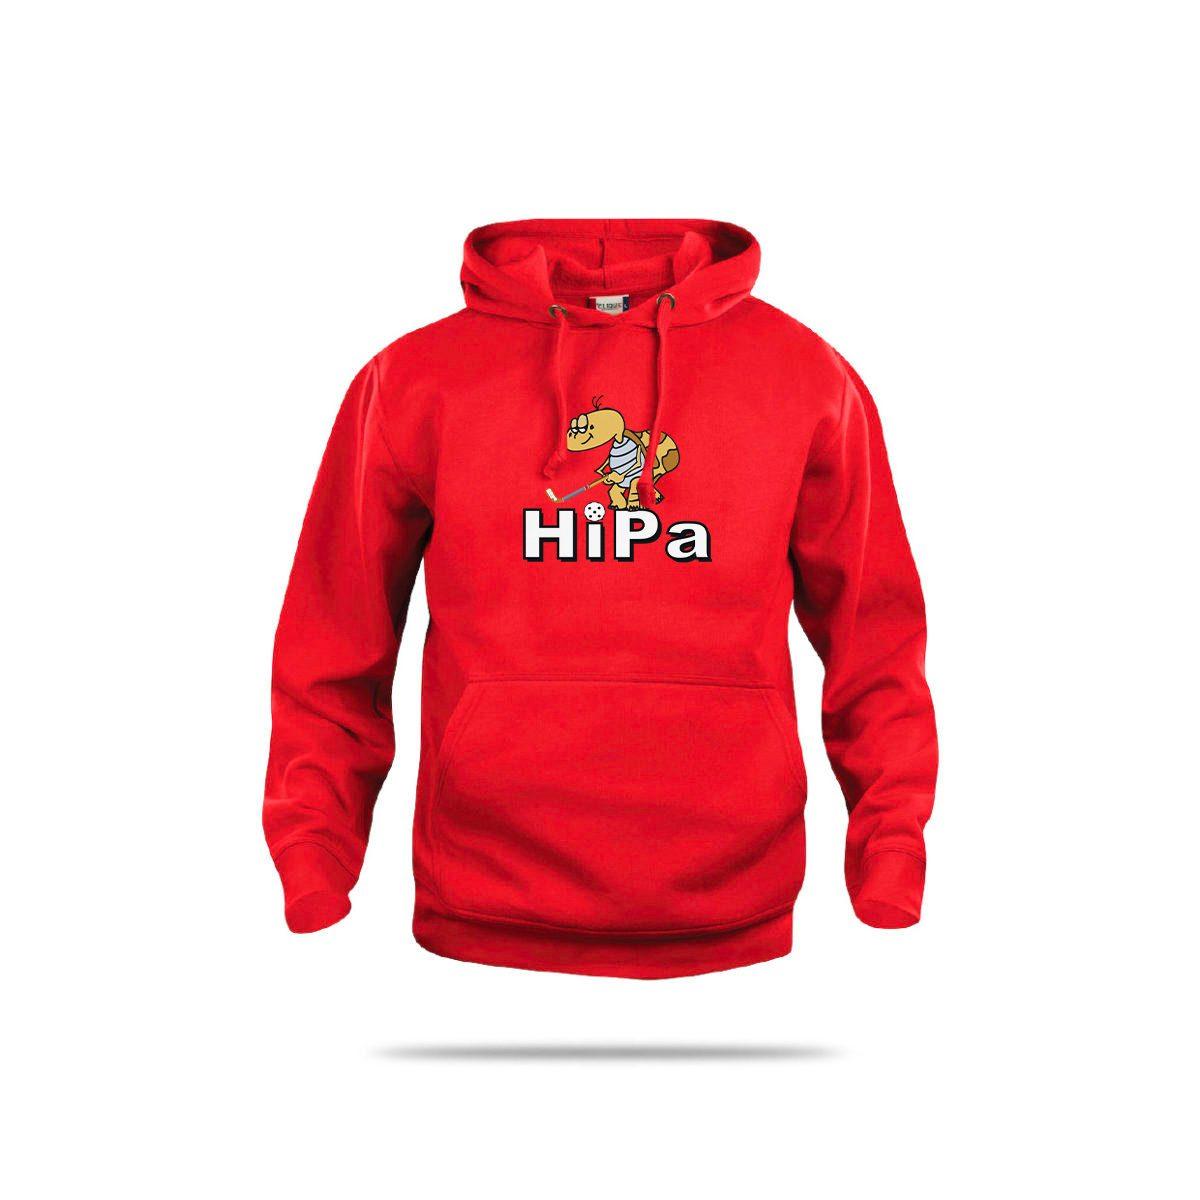 Hipa-3022